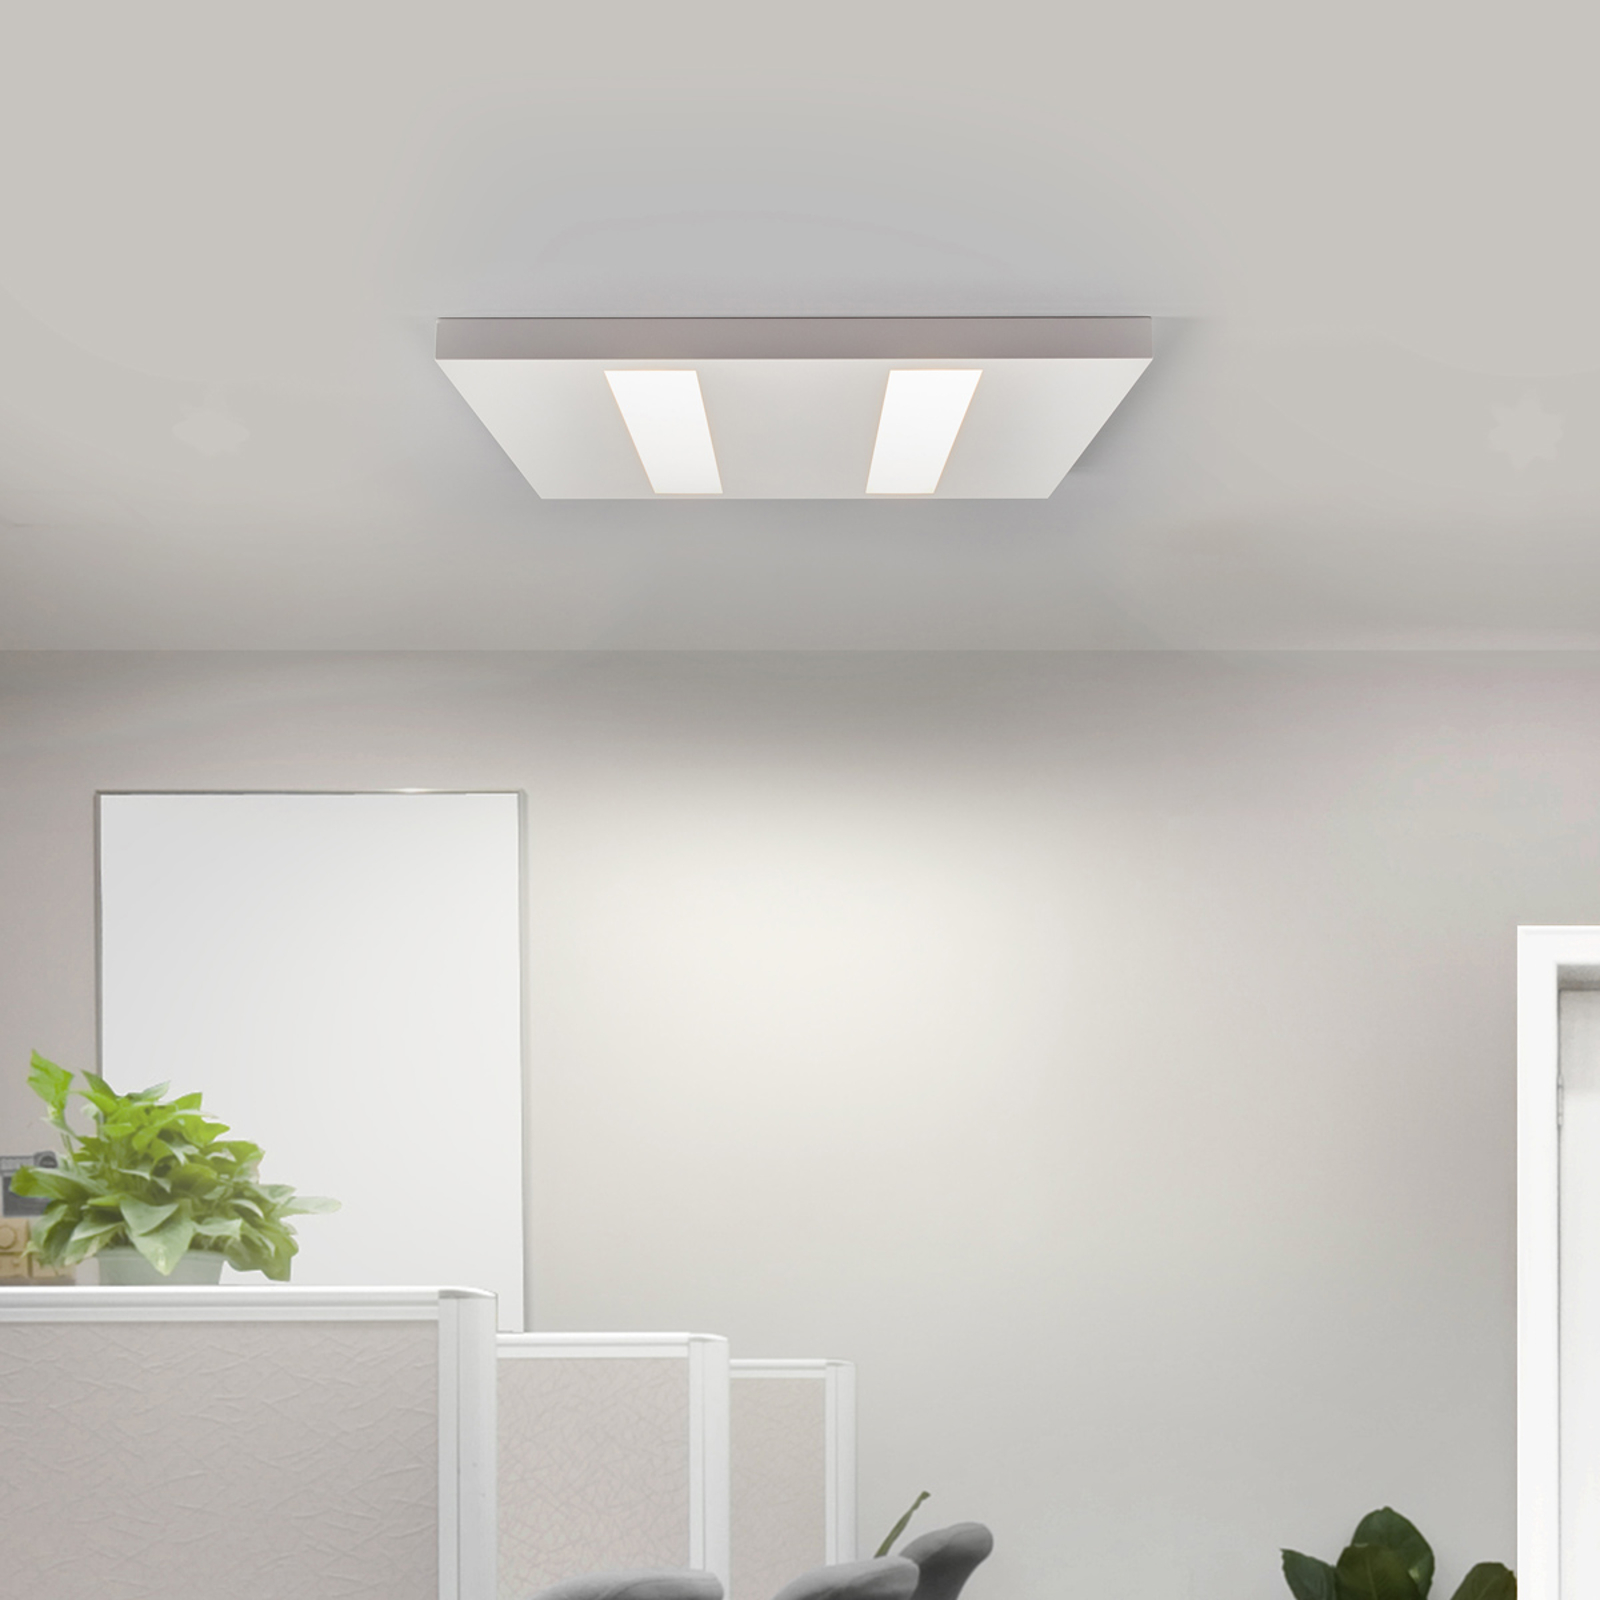 Sottile plafoniera LED 37W bianca, LED OSRAM